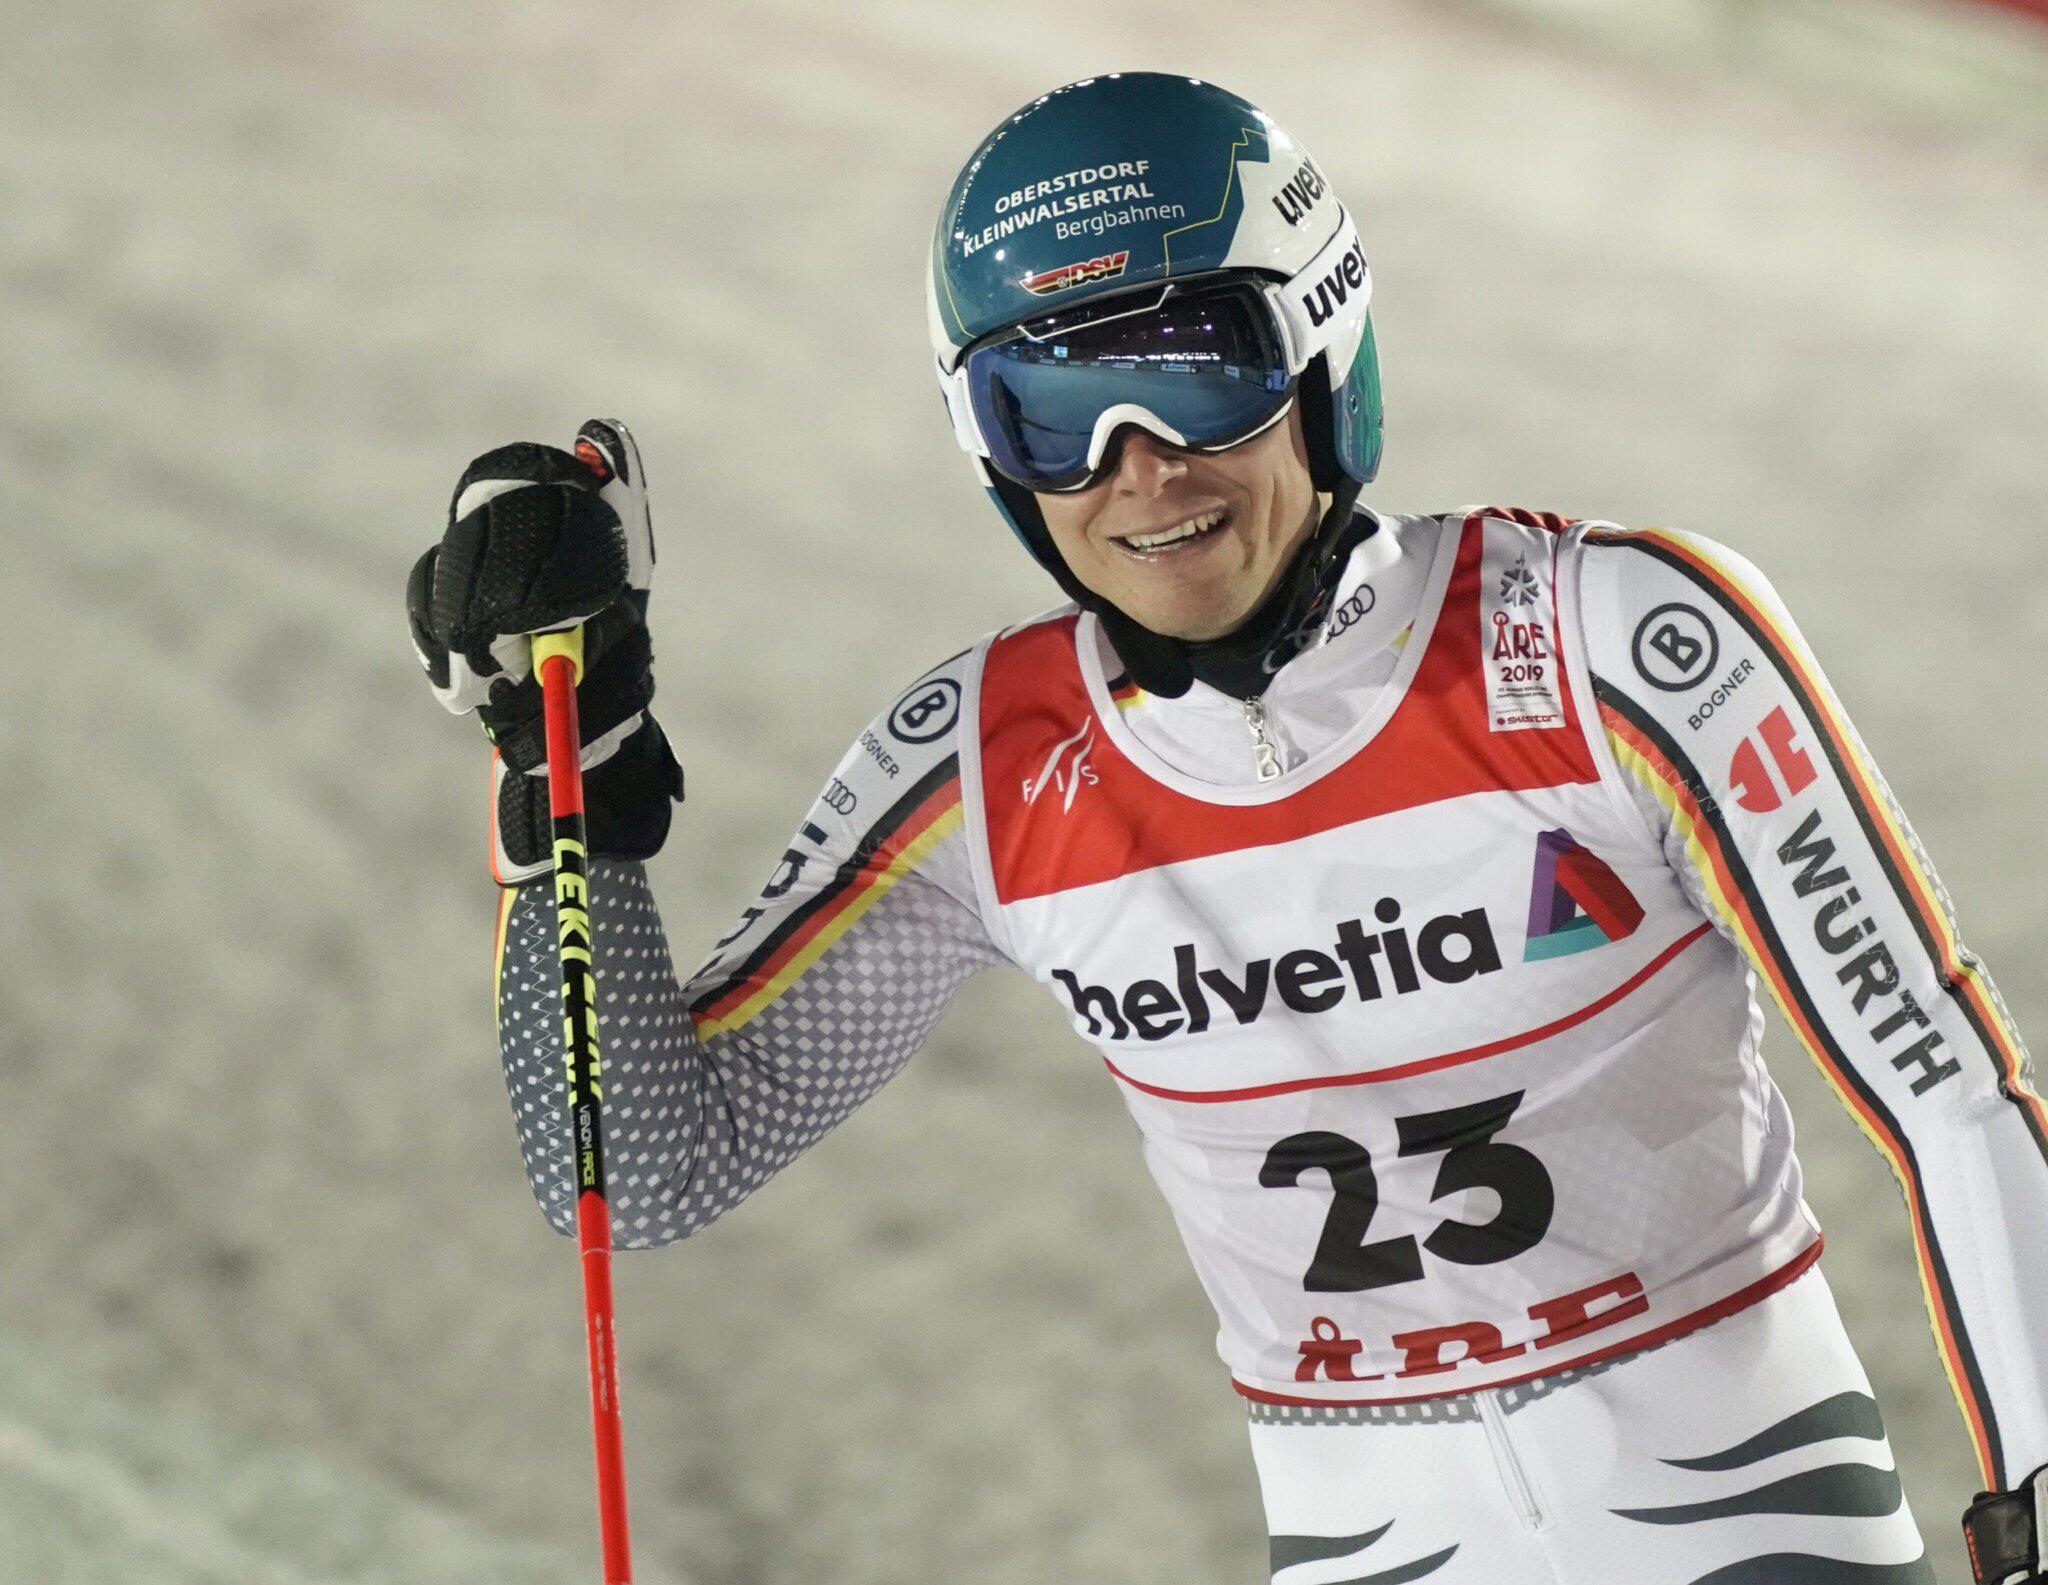 Bild zu Ski alpin, WM, Are, Ski, Ski-WM